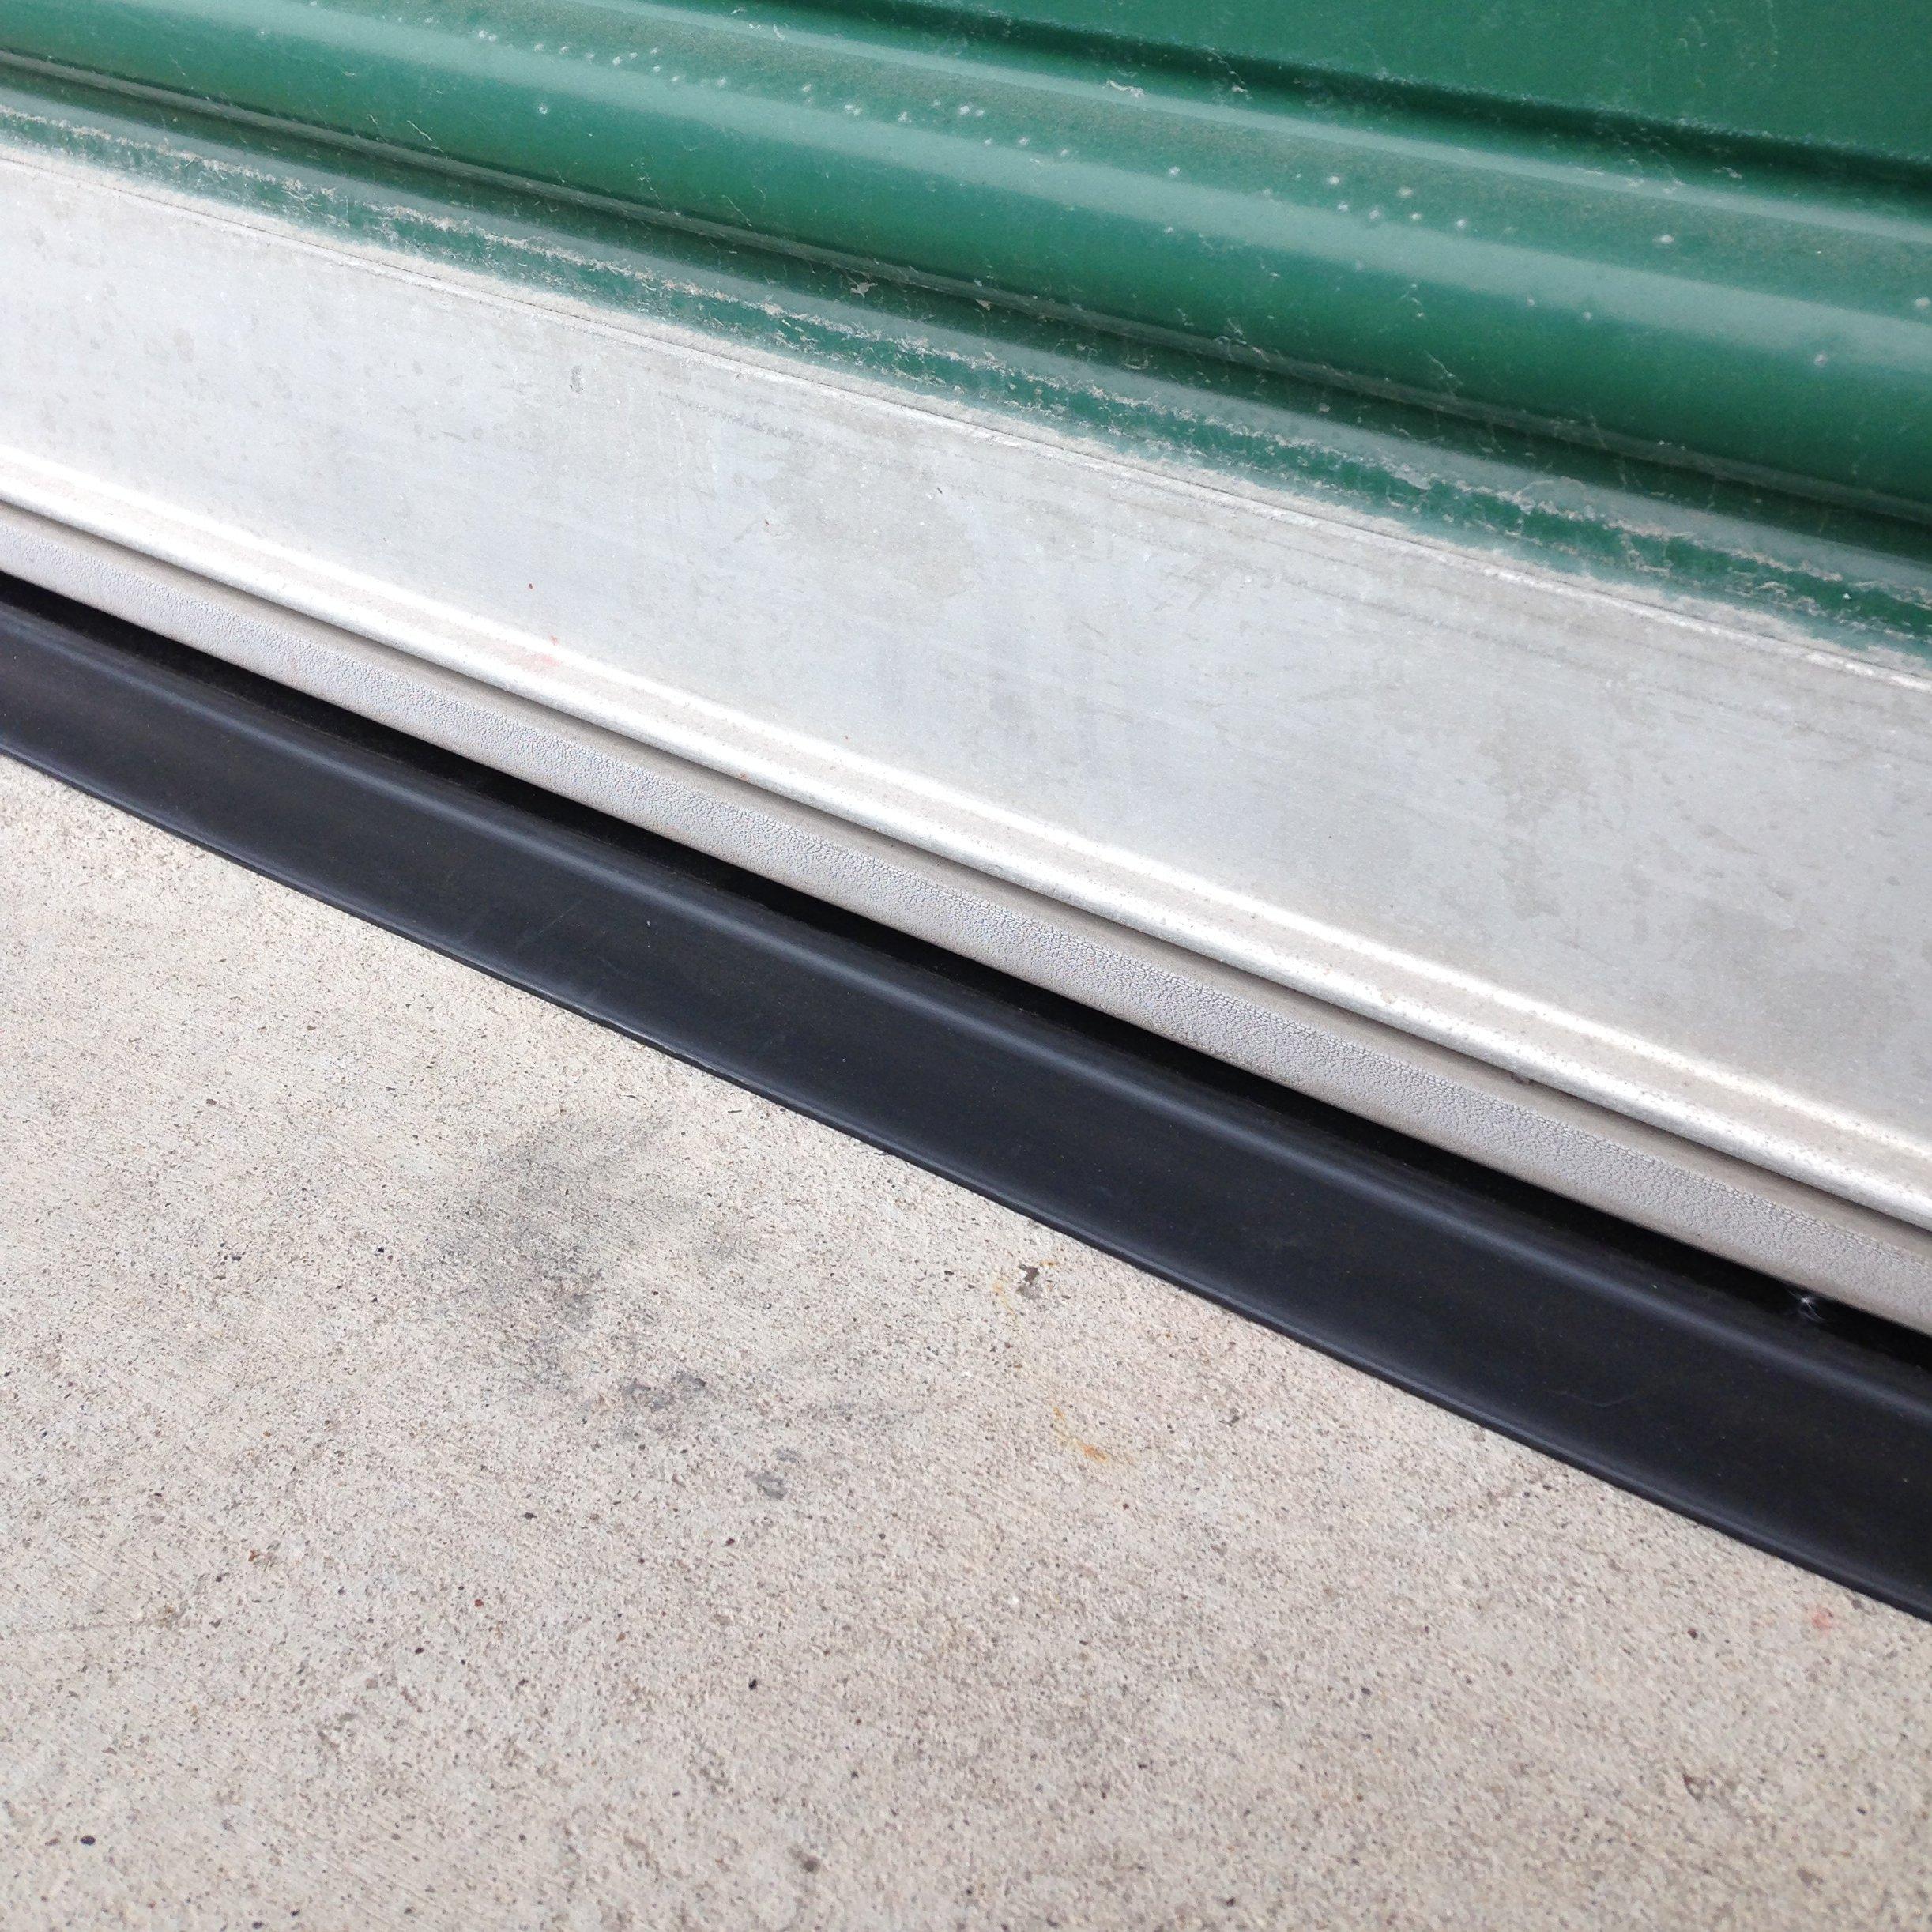 threshold-garagedoor.jpg & Garage Door Threshold | Xtreme Weather Guard Garage Door Threshold ... Pezcame.Com